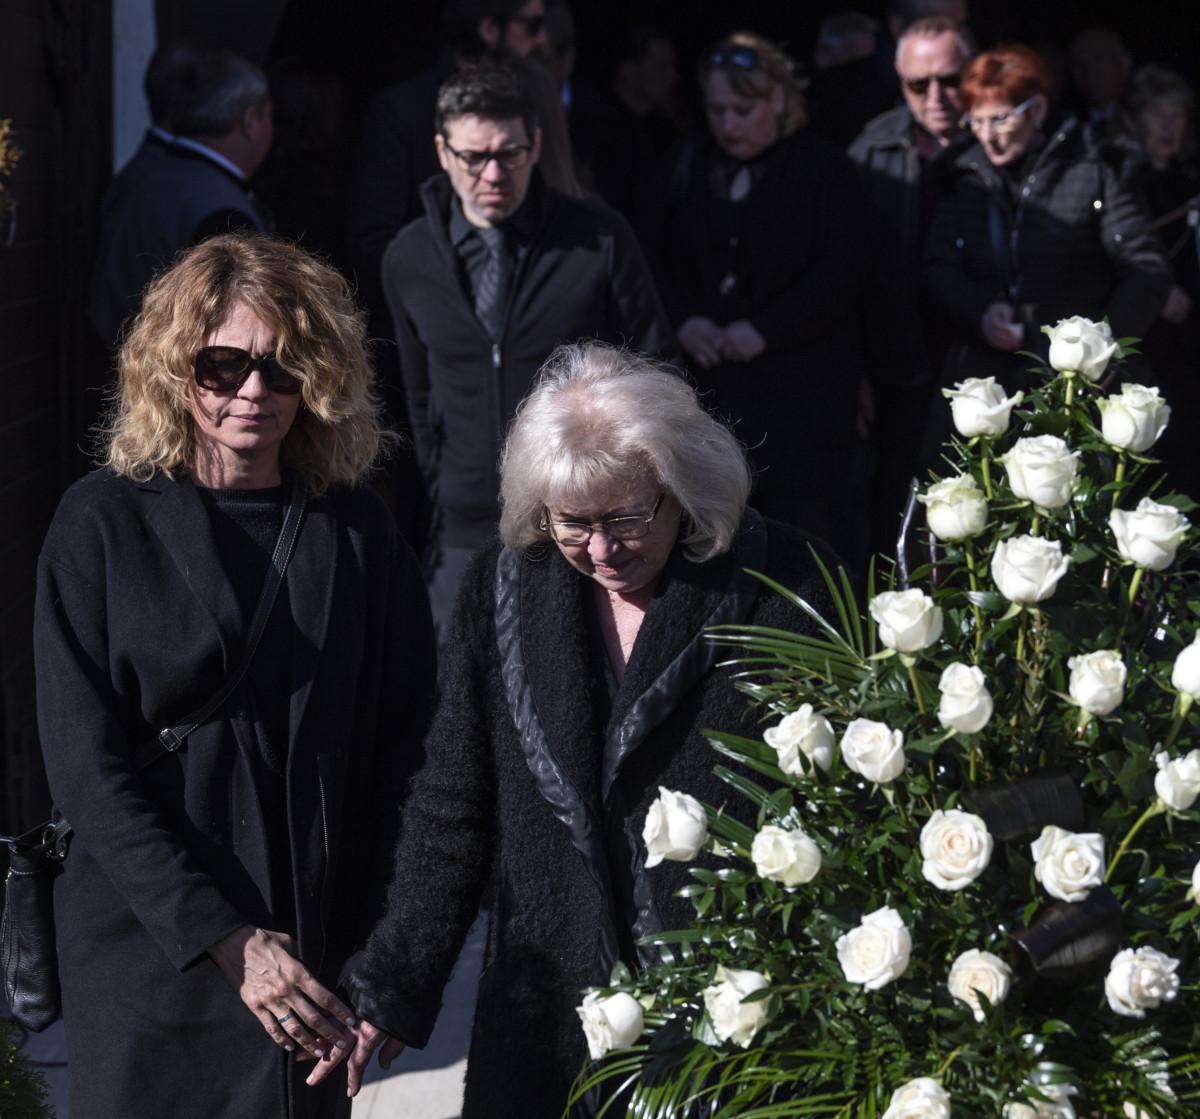 Dékány Sarolta énekesnő, Koós János özvegye (k) és lánya, Koós Réka színművész (b) Koós János táncdalénekes, előadóművész, humorista, színész temetésén a Farkasréti temetőben 2019. március 20-án.